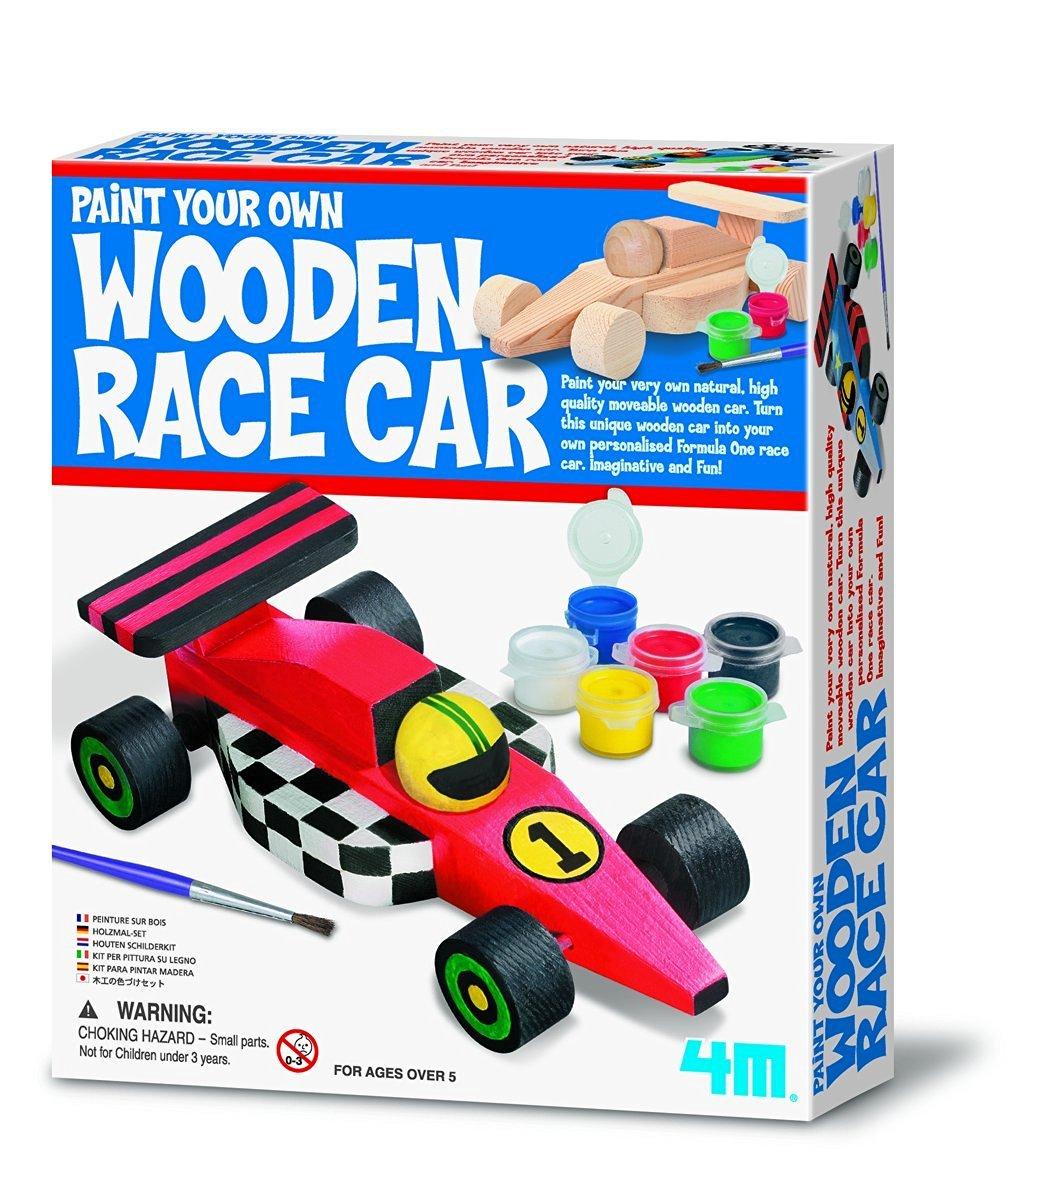 4M Paint Your Own Wooden Race Car Kit